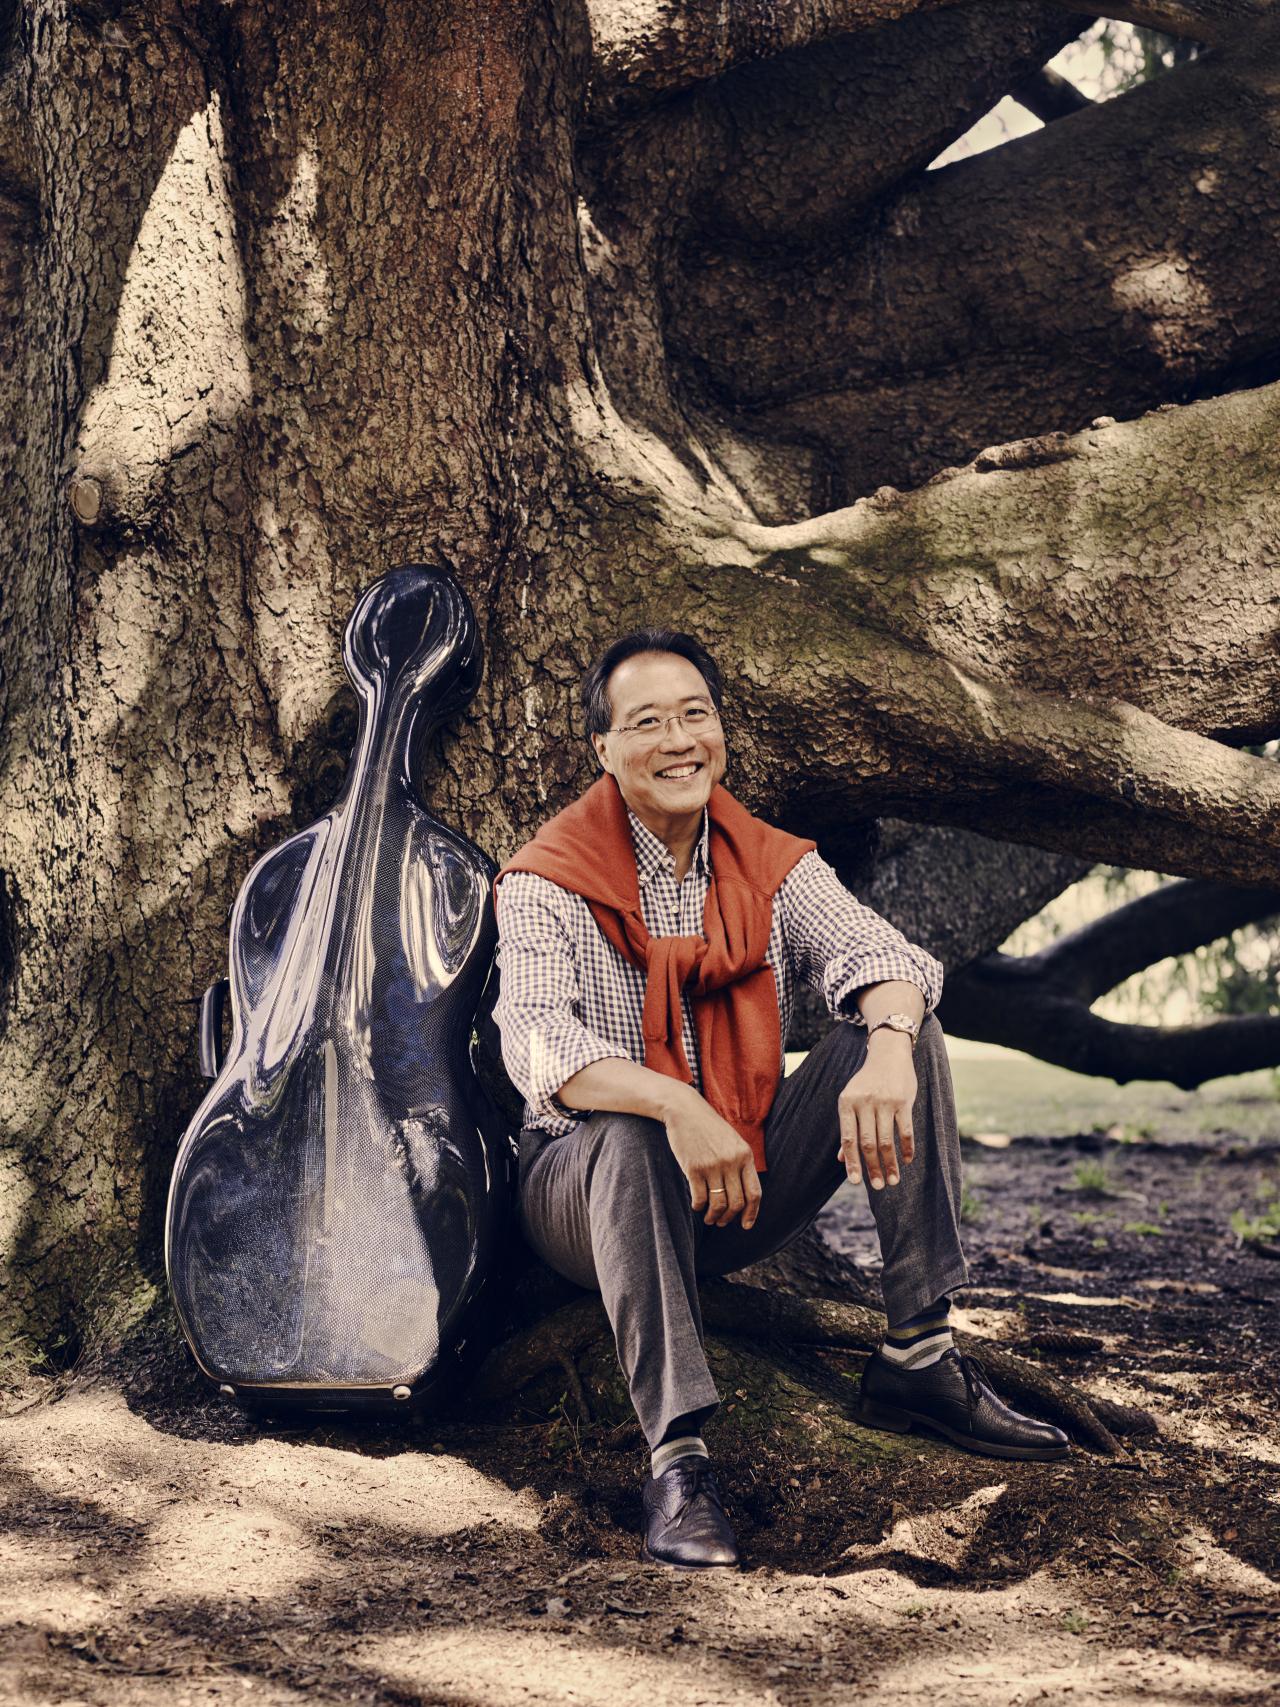 Cellist Yo-Yo Ma (Jason Bell / Credia)